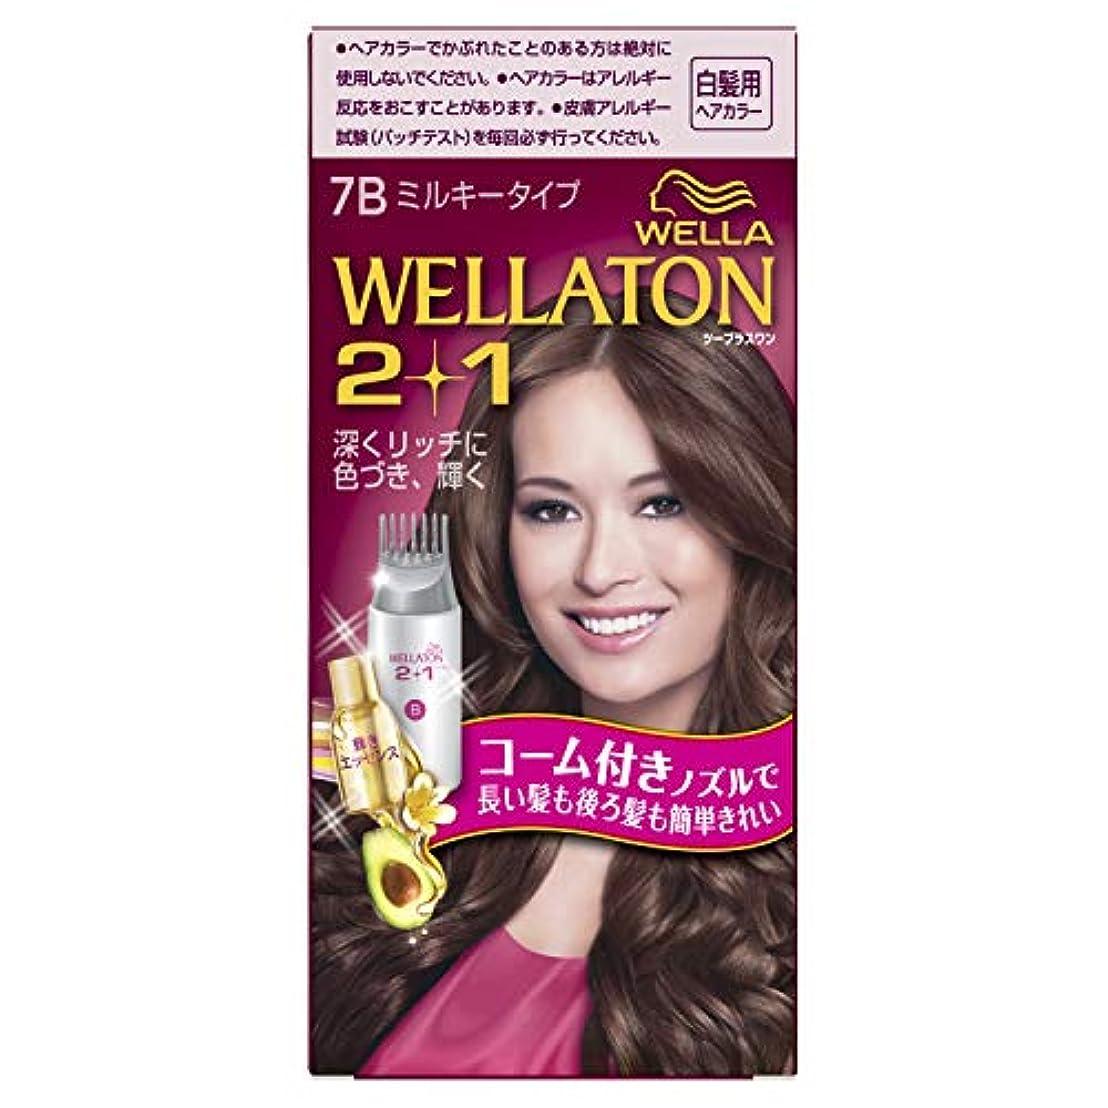 リアルポータル短くする[医薬部外品]ウエラトーン 2+1 ミルキー EX 7B 明るいピュアブラウン(おしゃれな白髪染め) 60g+60ml+5.5ml